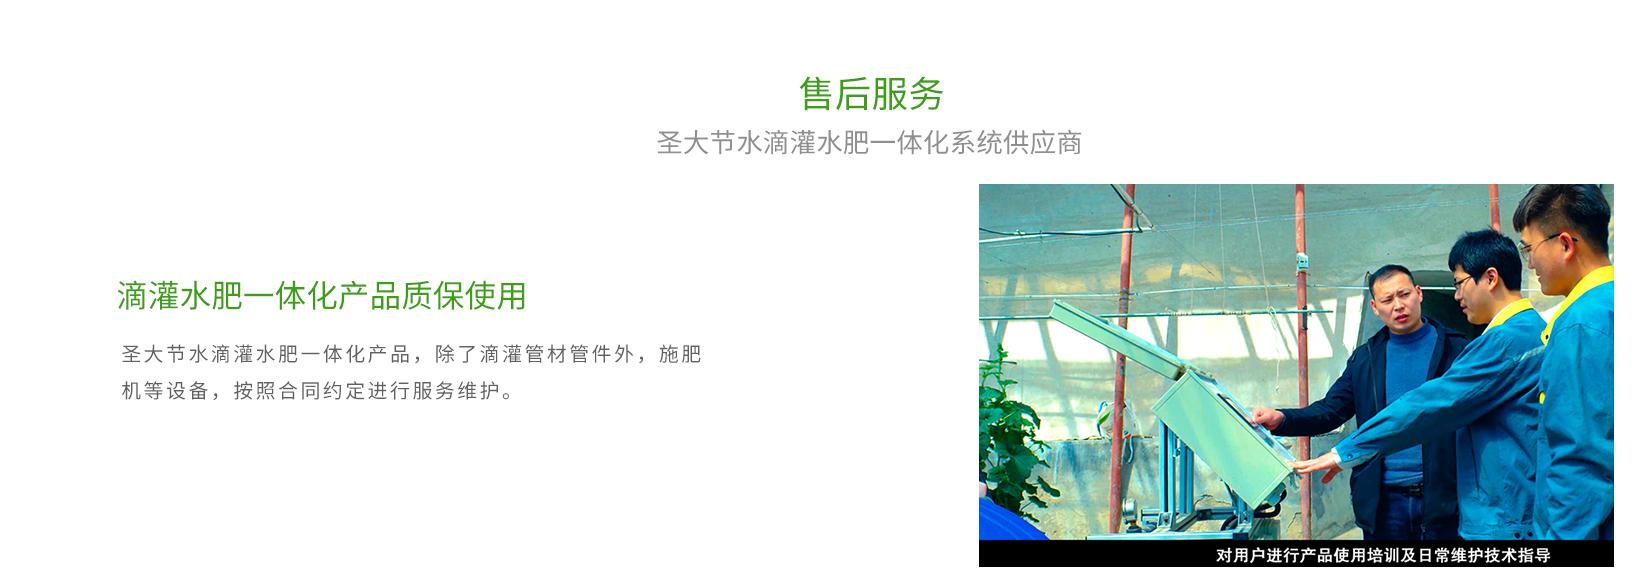 奥门新萄京83855com-澳门葡萄京588778com-滴灌水肥一体化售后服务